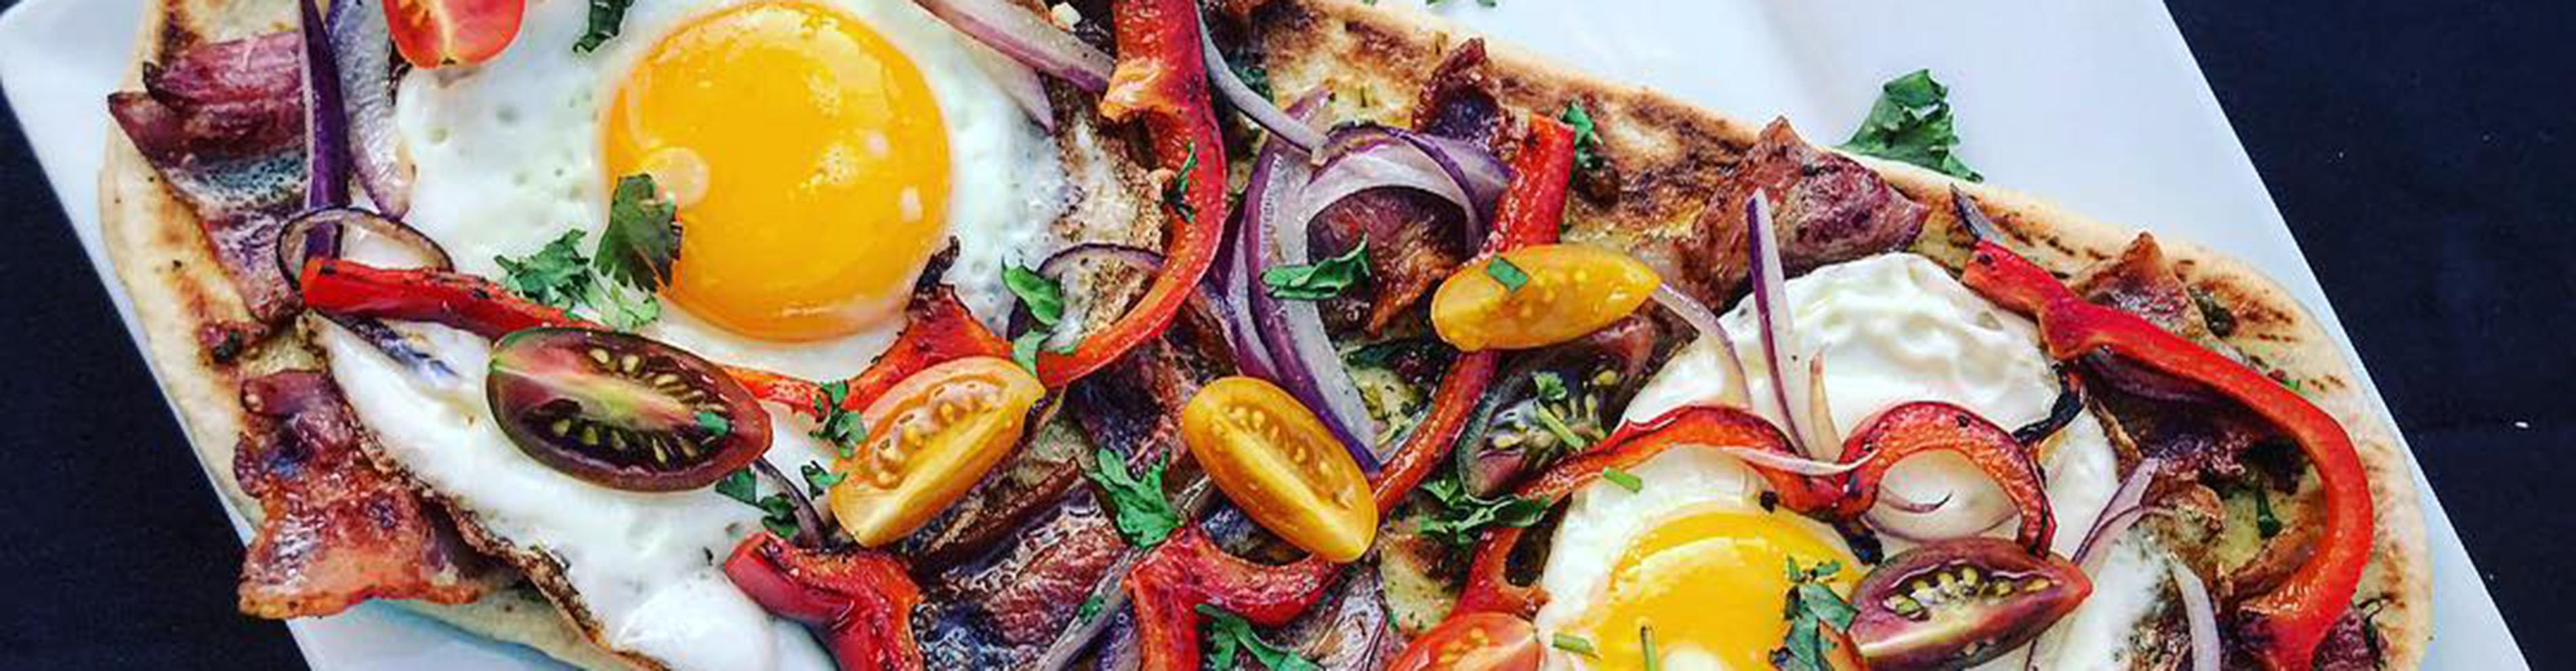 Cammaran's Grill Food 4